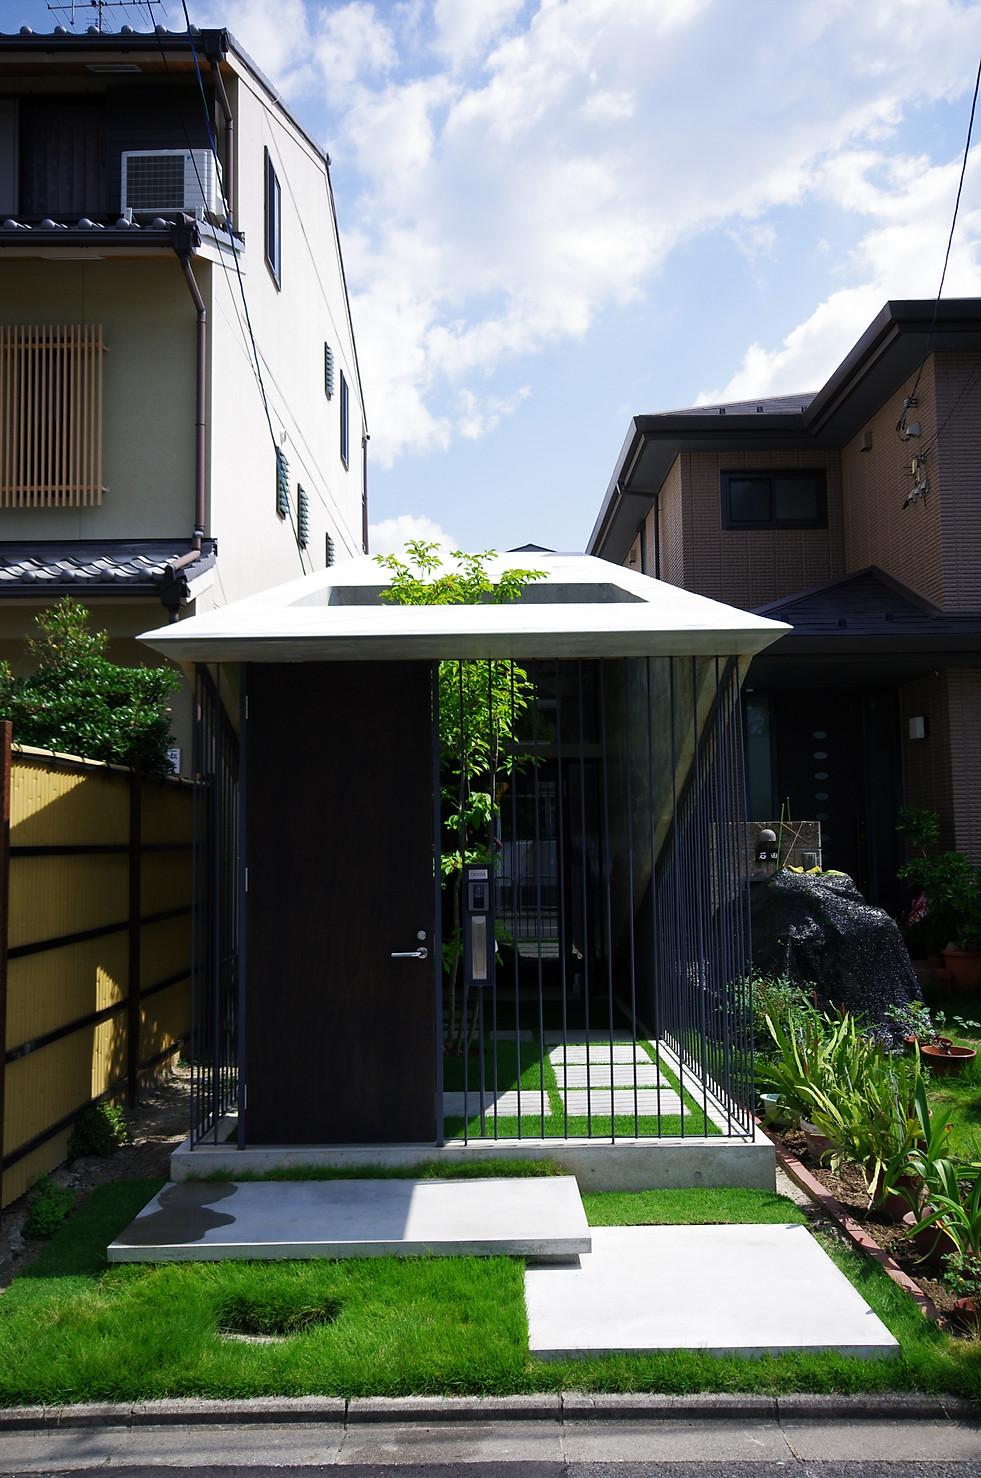 hariyamati_morimura_2012_09_21_ (6).JPG